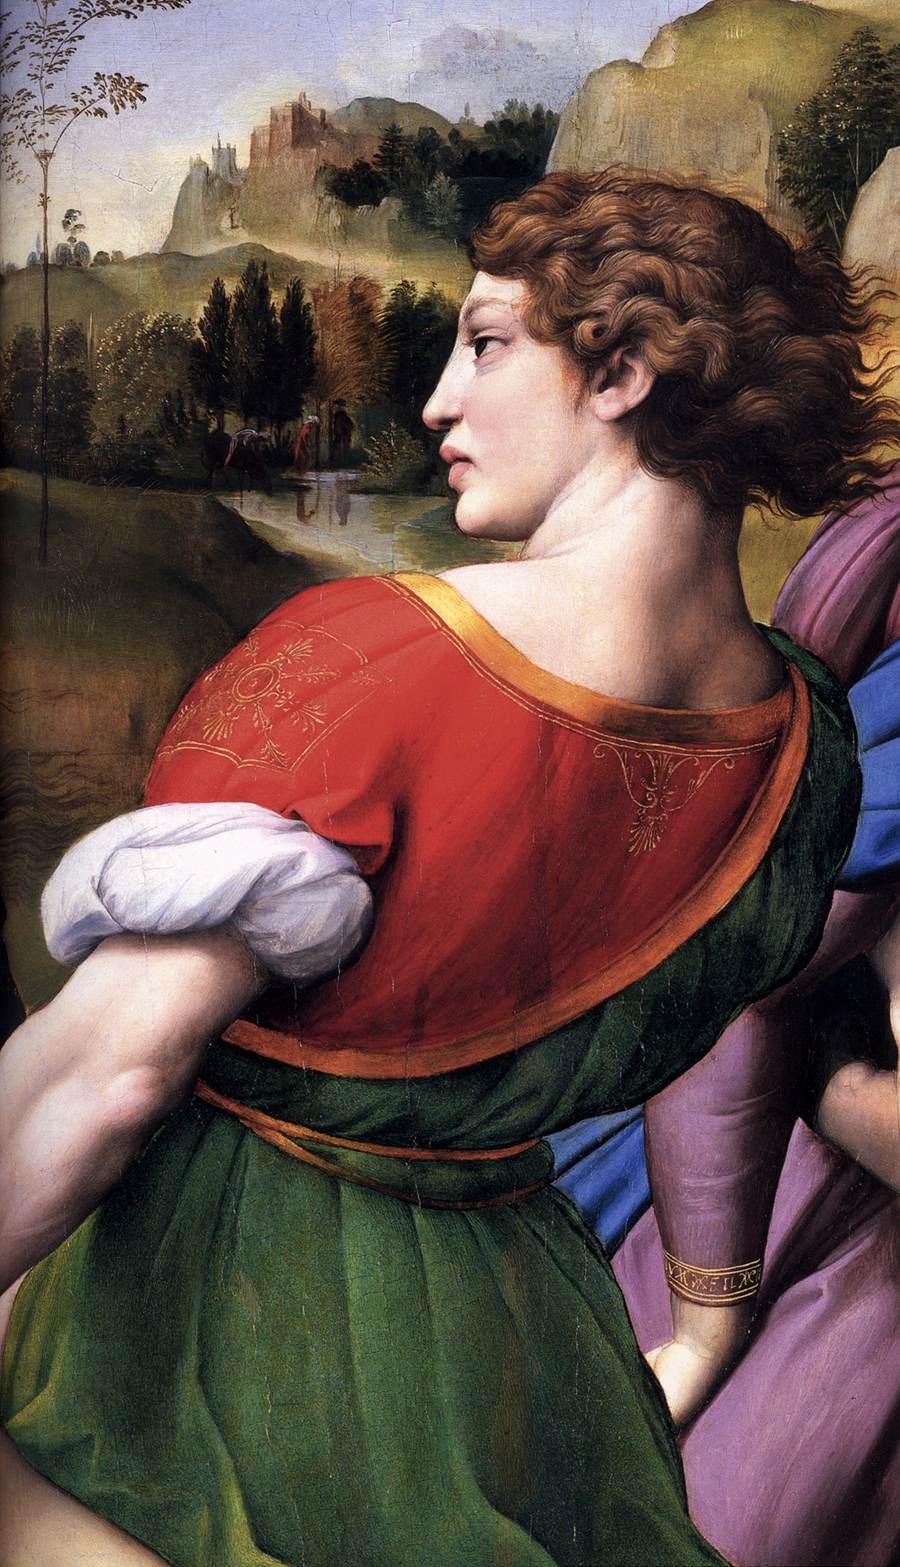 Dettaglio del giovane al centro, presunto ritratto di Grifonetto Baglioni